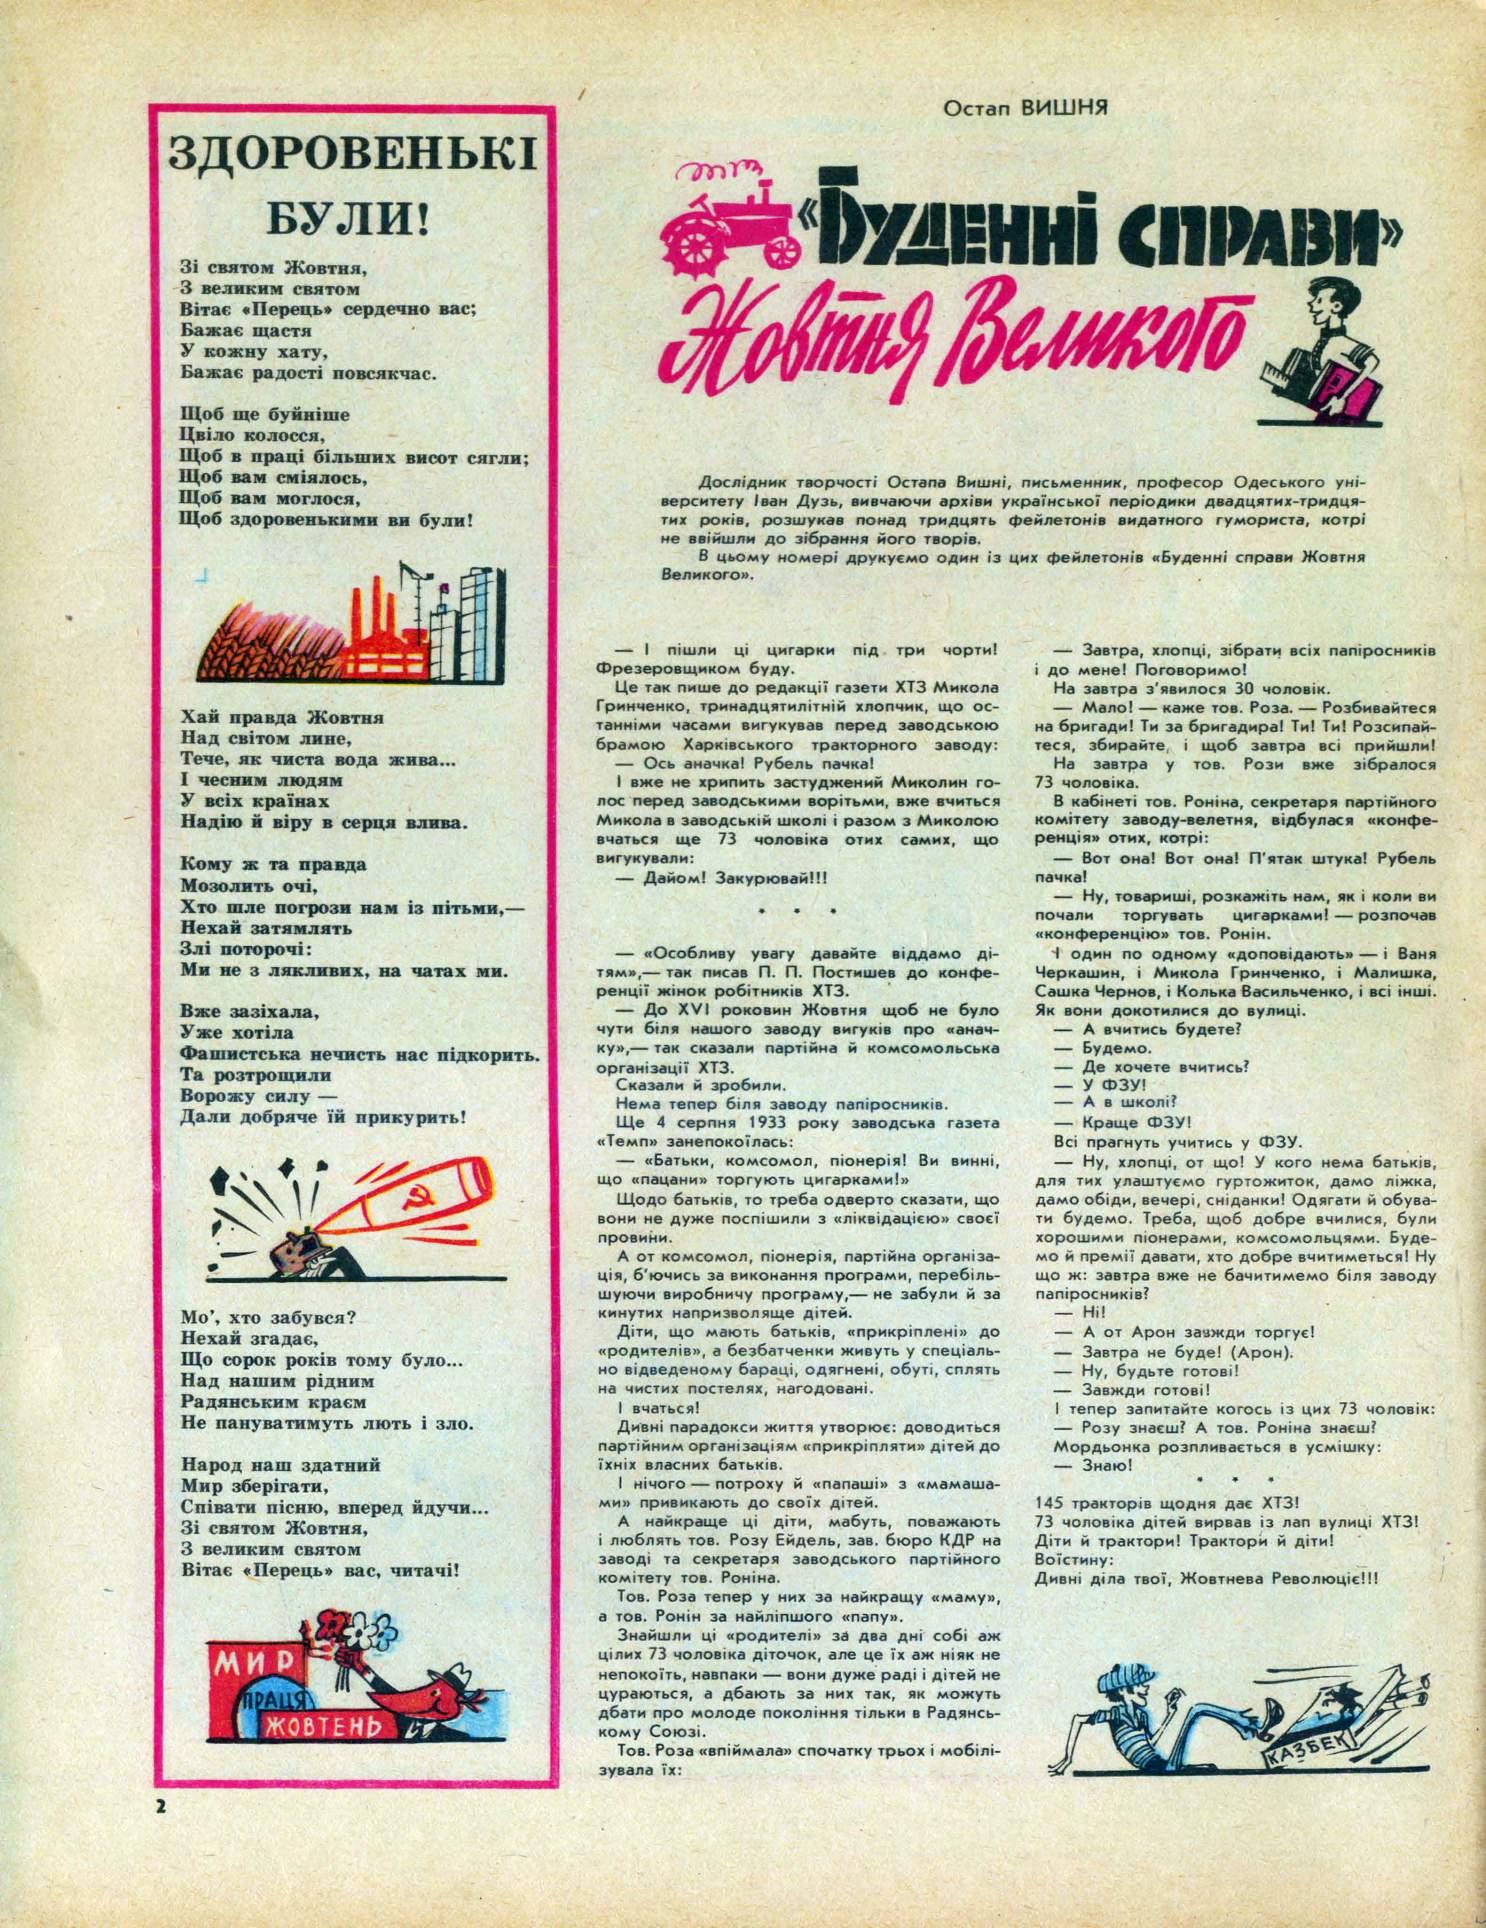 Журнал перець 1984 №20